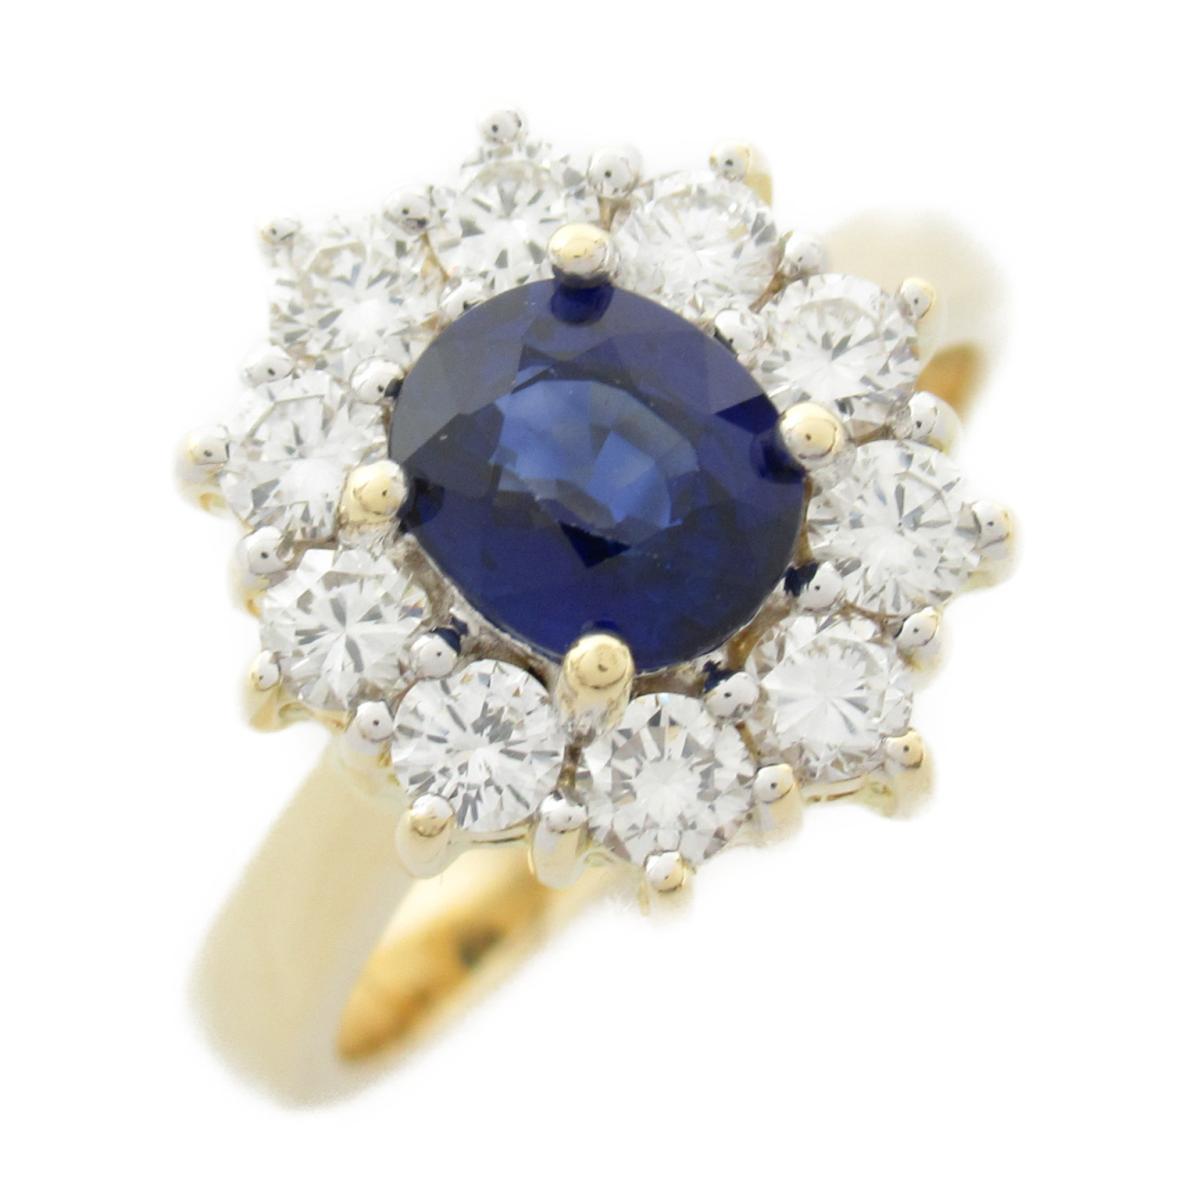 【中古】ジュエリー サファイア ダイヤモンド リング 指輪 ユニセックス 18kイエローゴールド x サファイア x ダイヤモンド